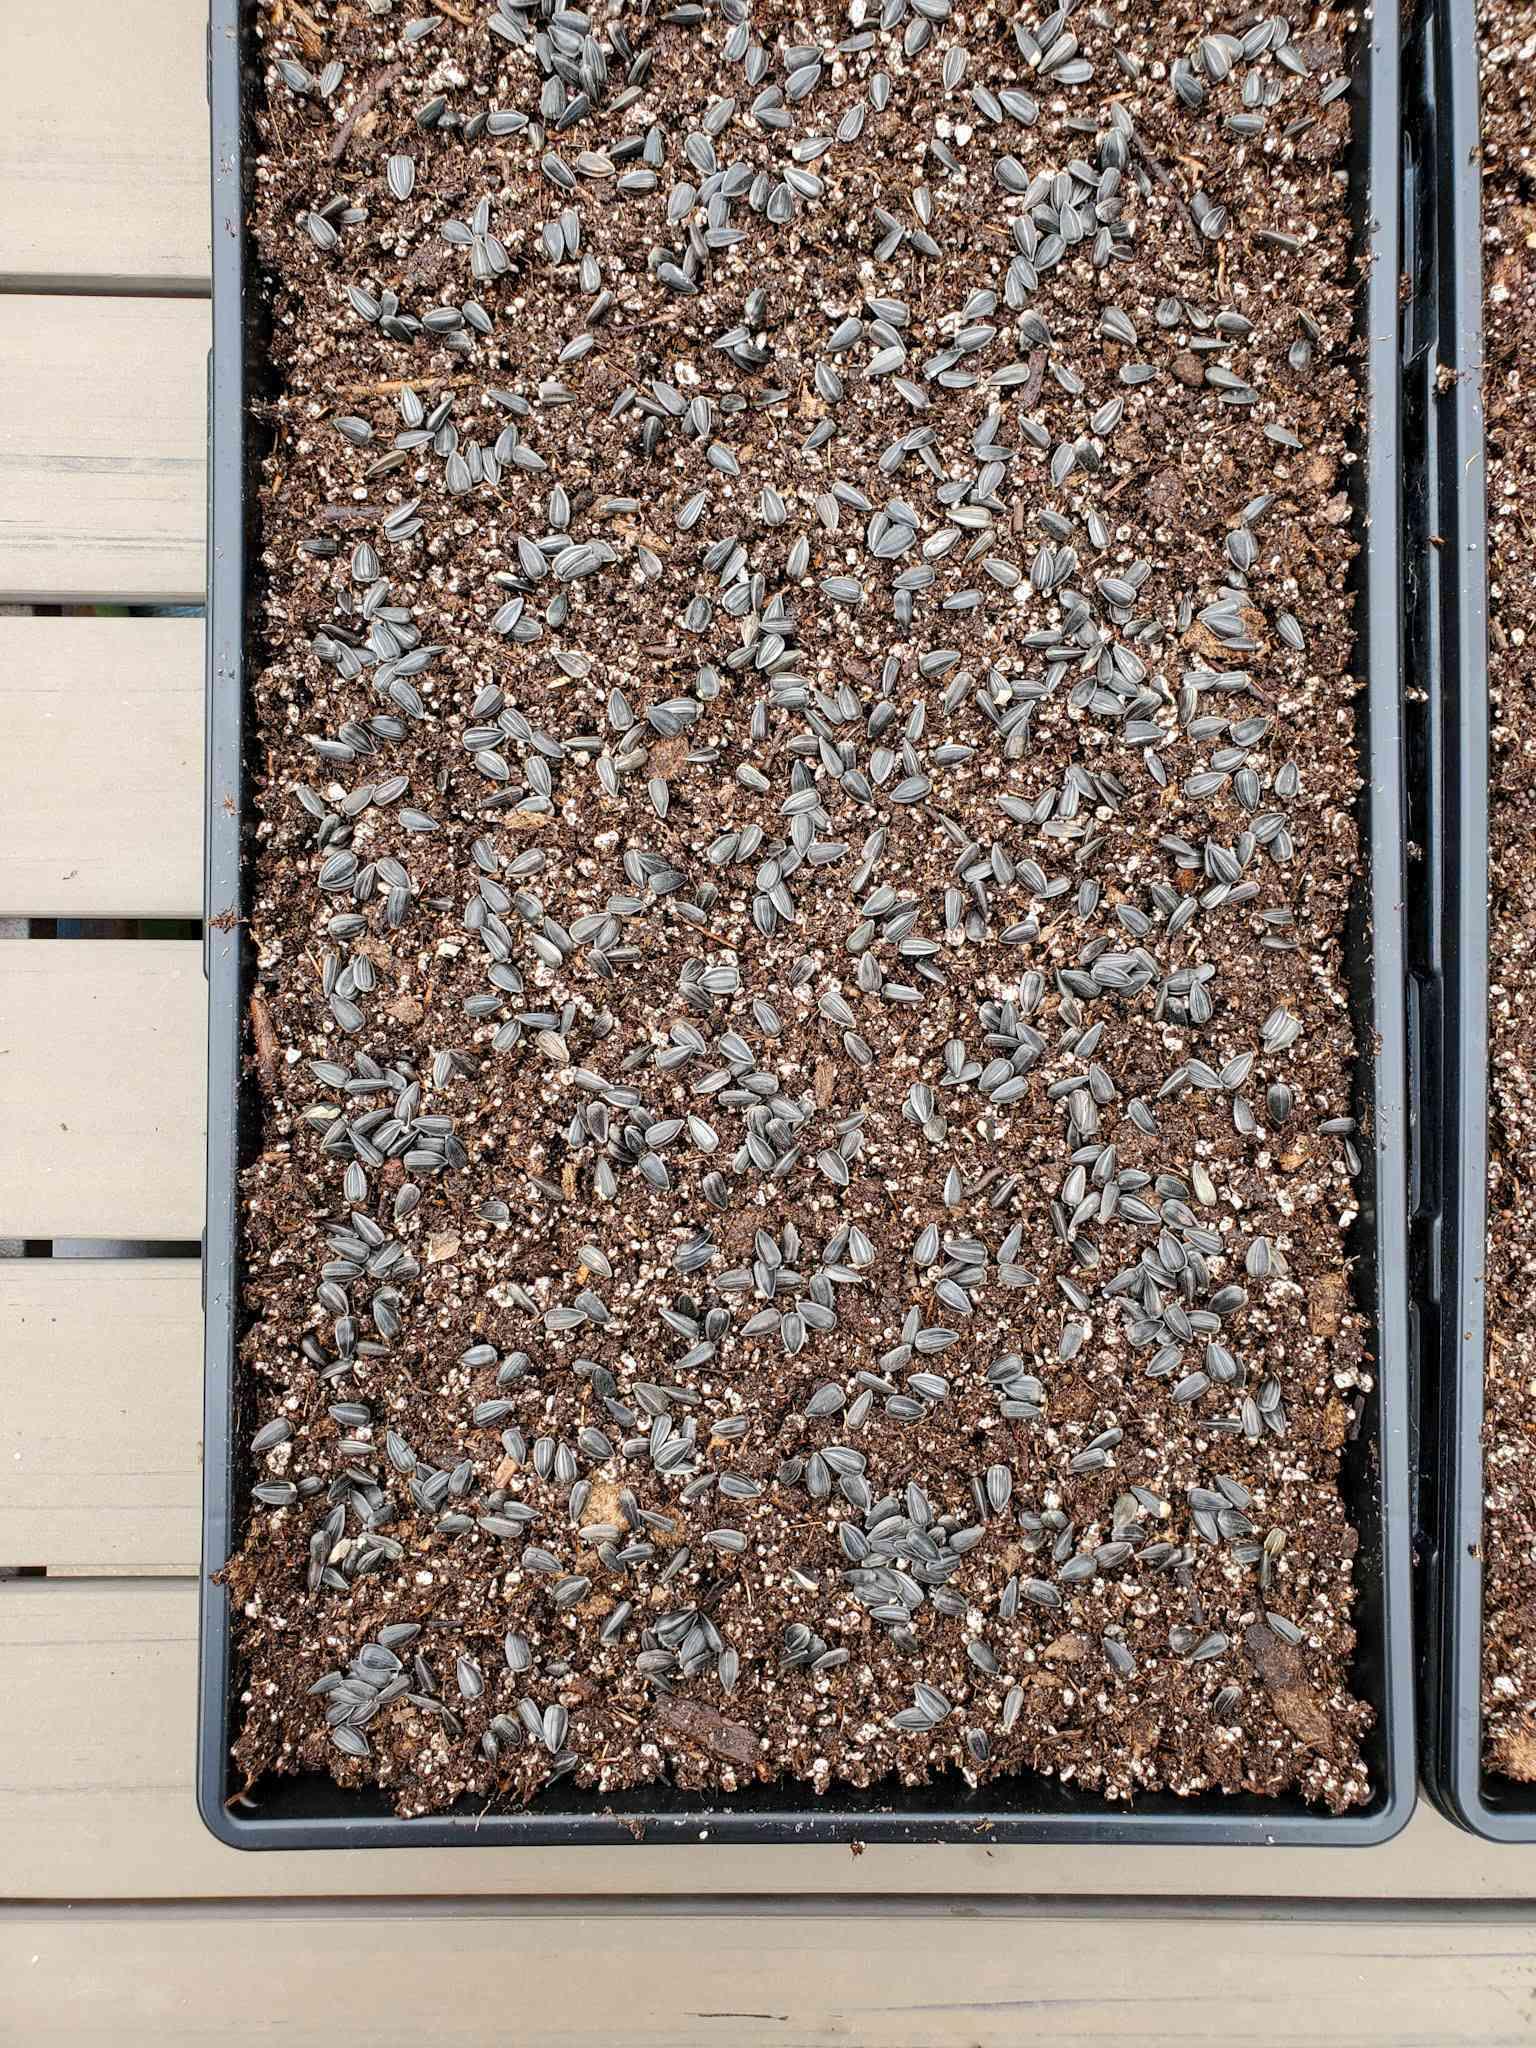 Un plateau de graines de tournesol semées au sommet d'un lit peu profond de mélange de départ. Ensuite, une petite quantité de mélange de départ de graines sera ajoutée sur le dessus pour couvrir légèrement les graines.